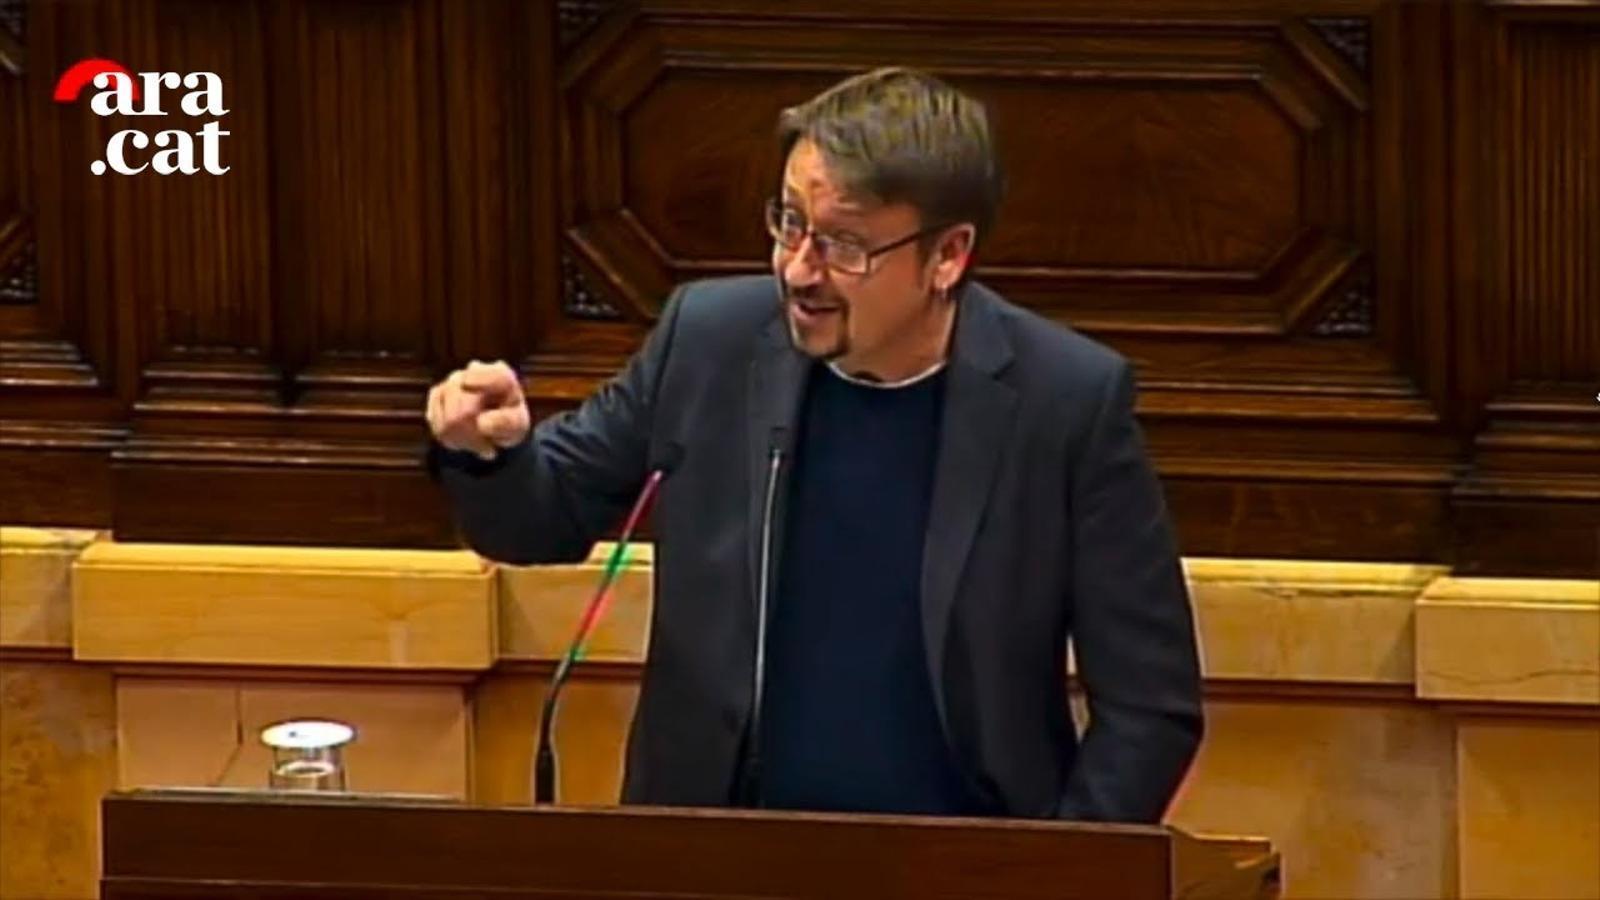 """Domènech: """"Necessitem una resposta el més àmplia possible per la causa de la democràcia i llibertat"""""""